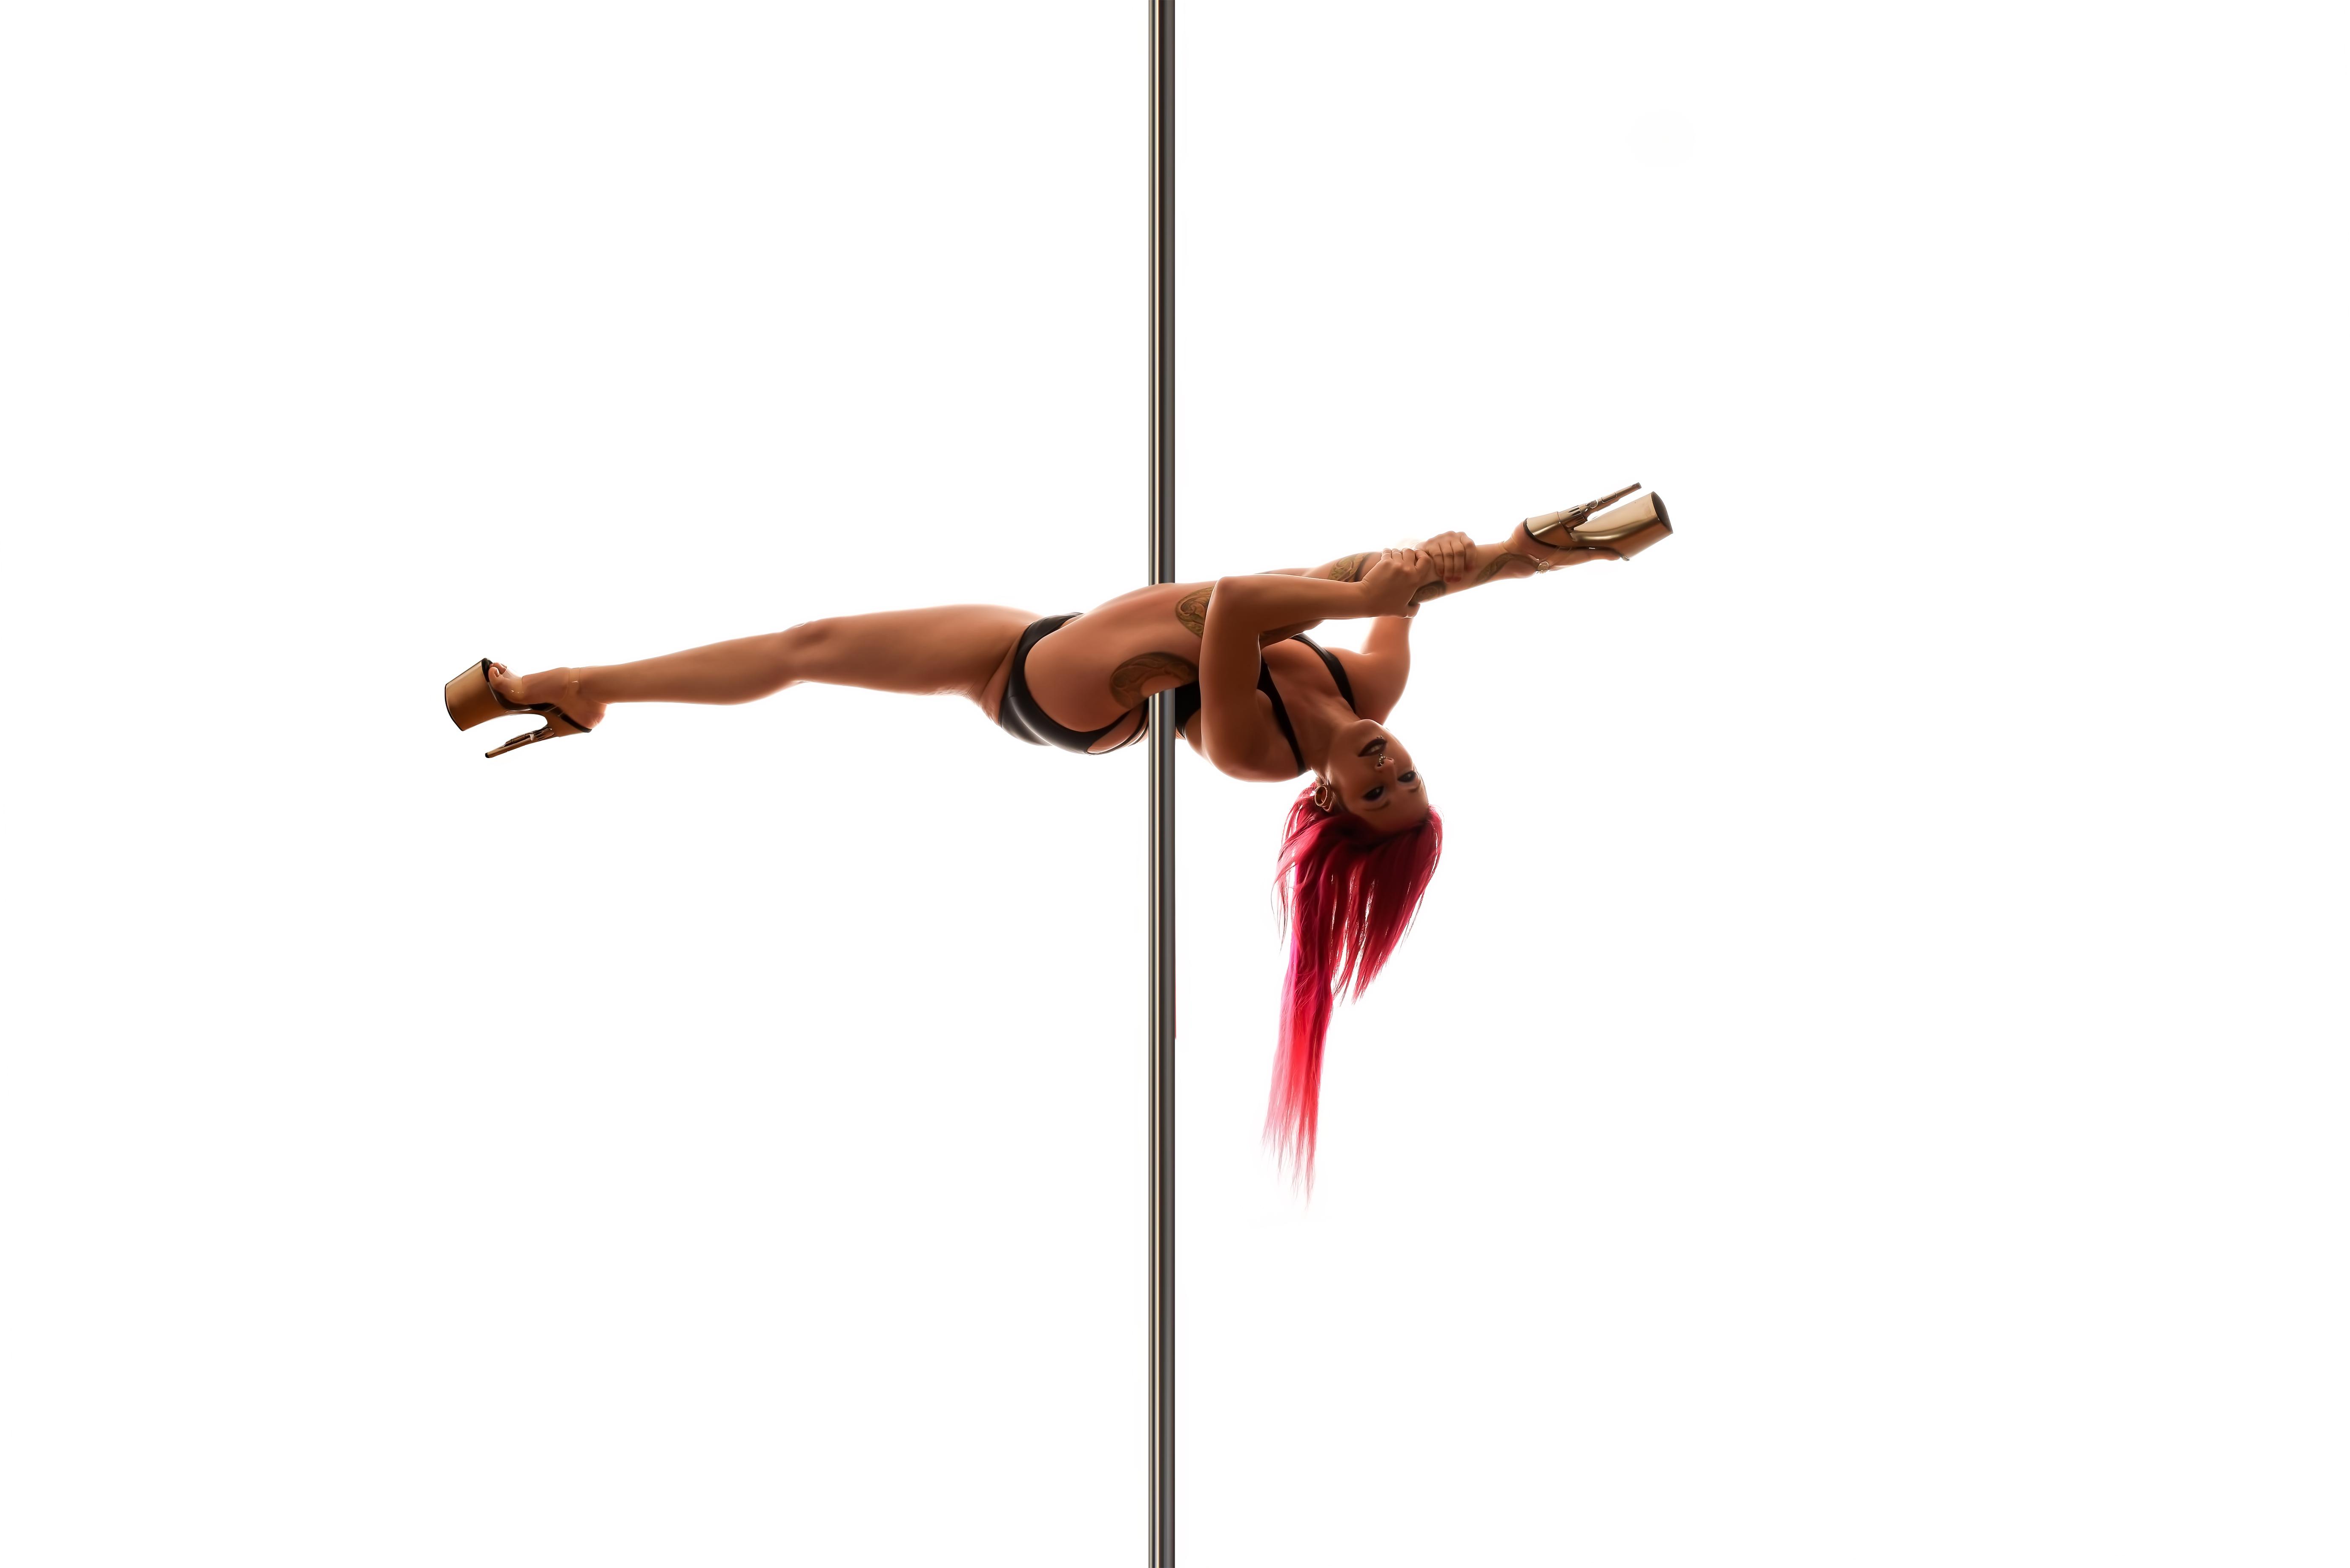 Angebot Pole Dance für Männer und Frauen Mandy Candy's pole dance studio